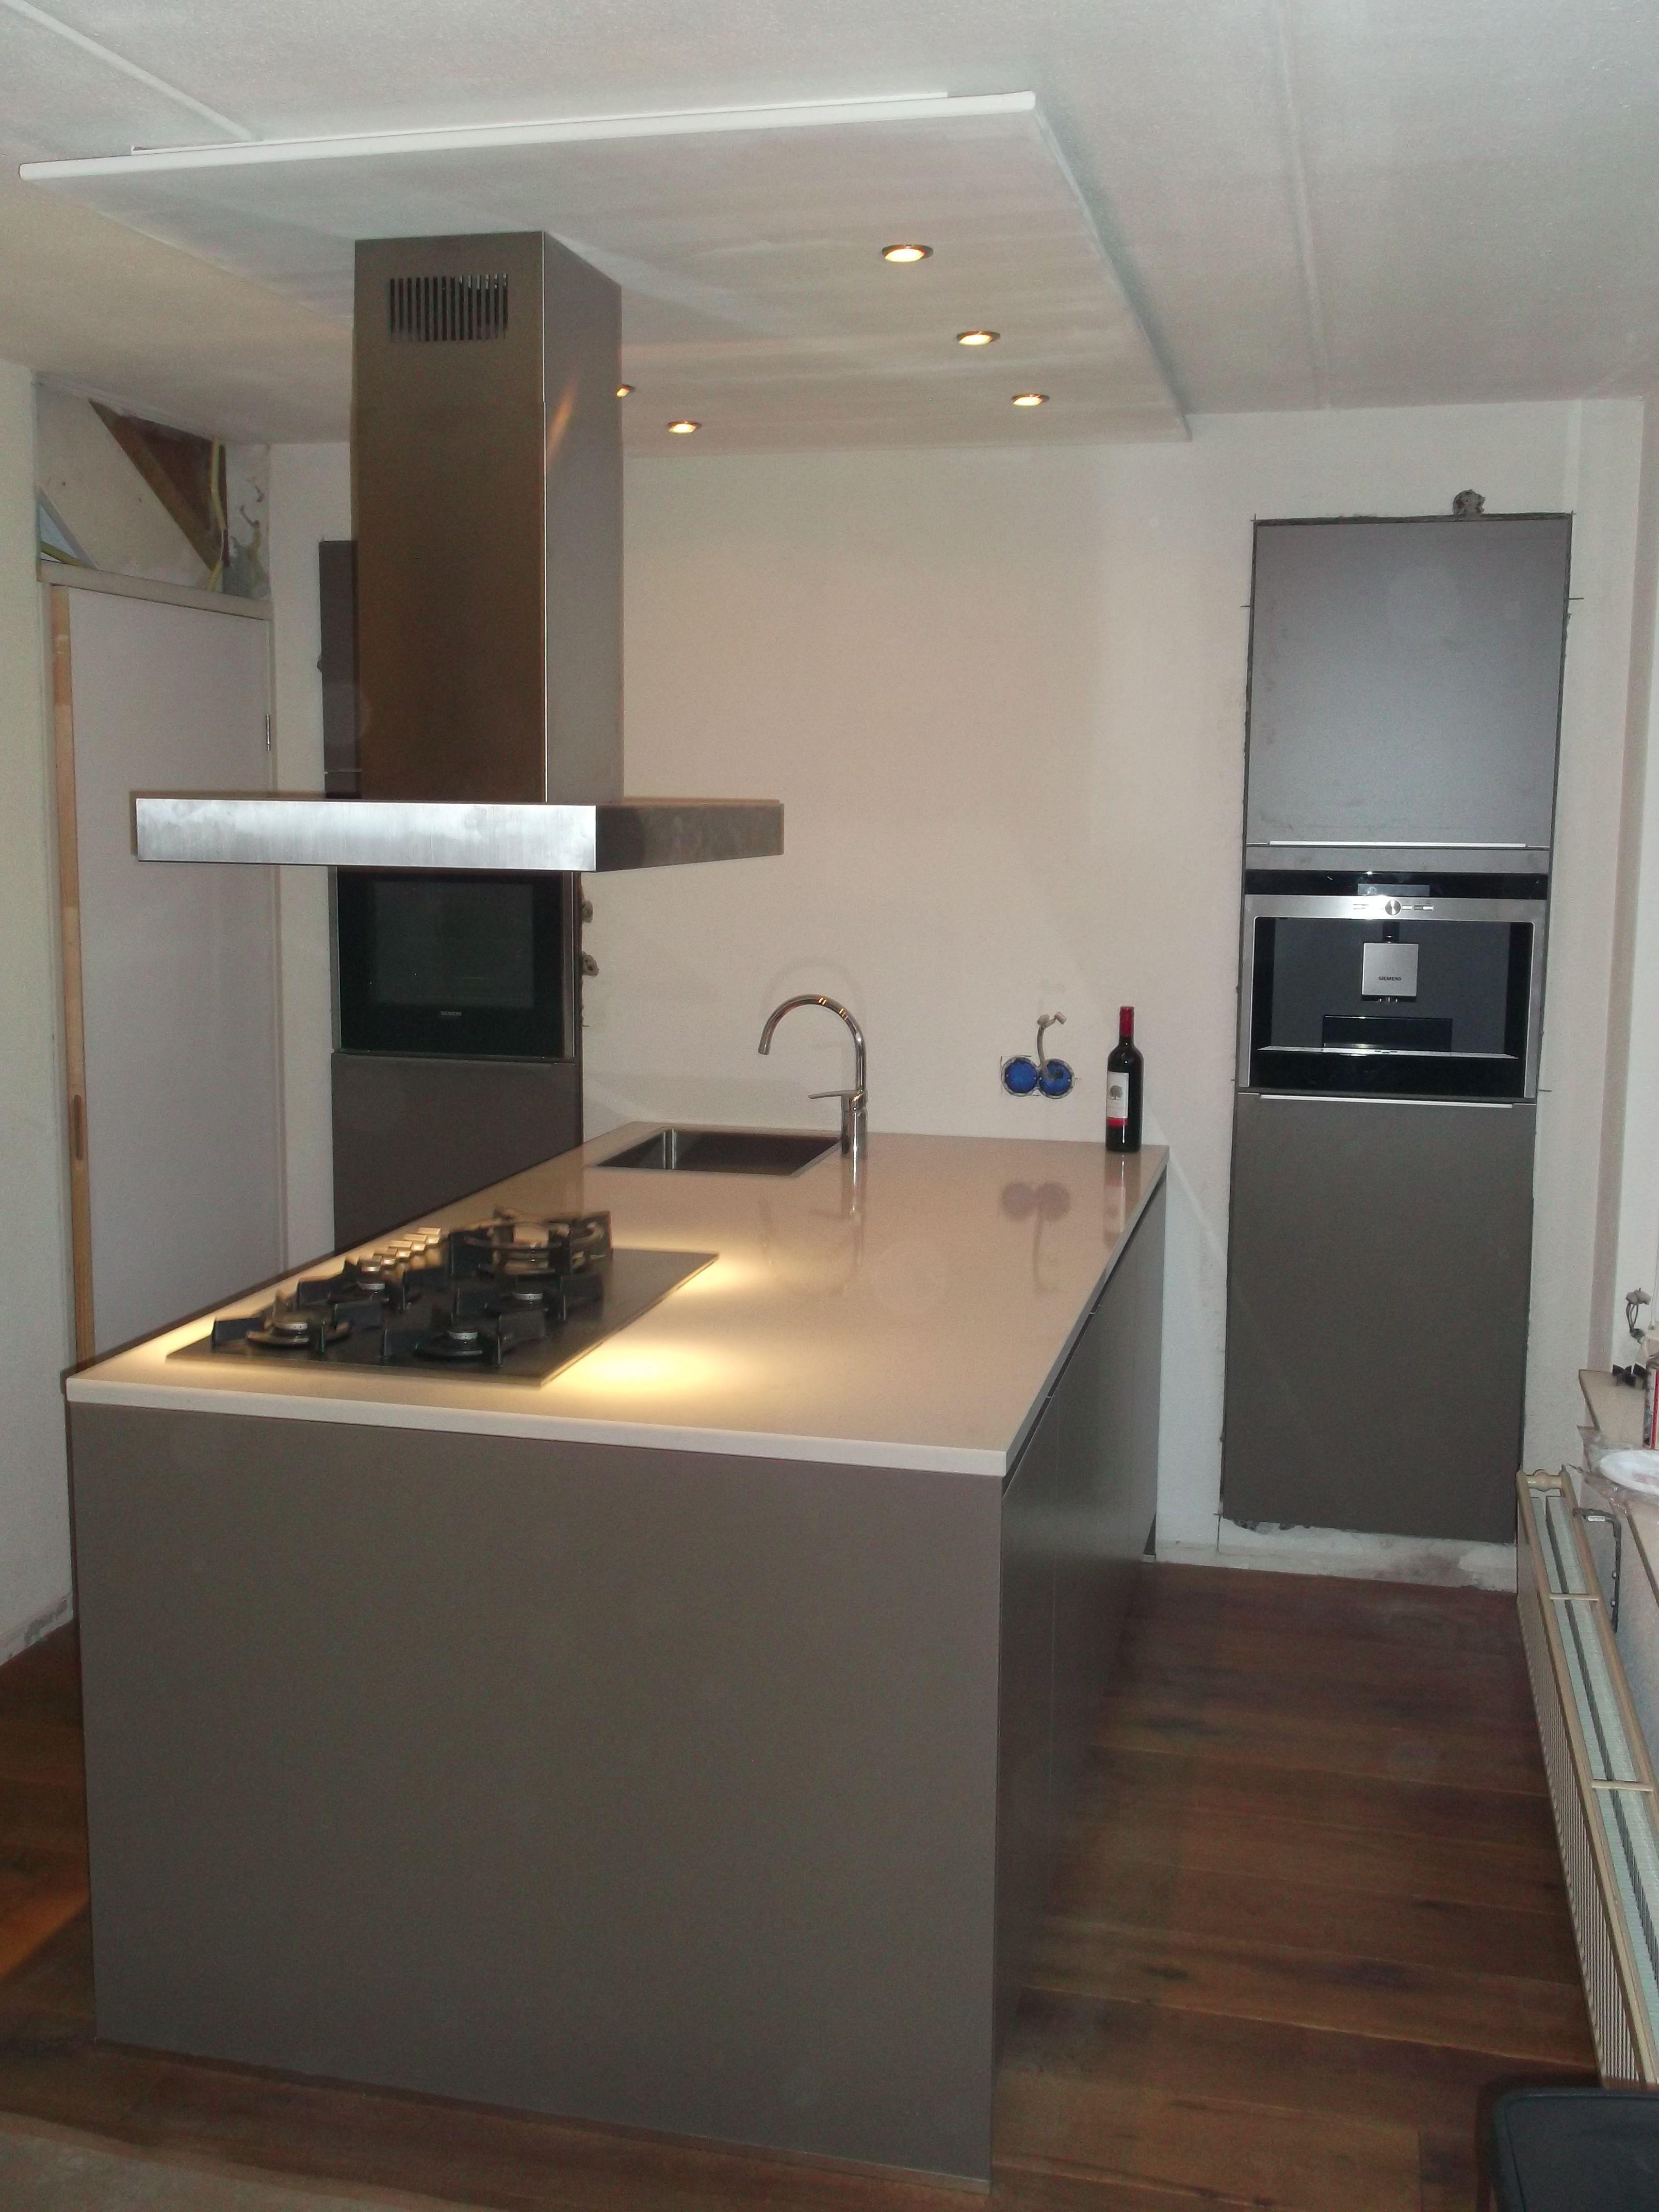 Verrassend Moderne keuken in de kleur taupe met rvs opleggreep, licht AU-12